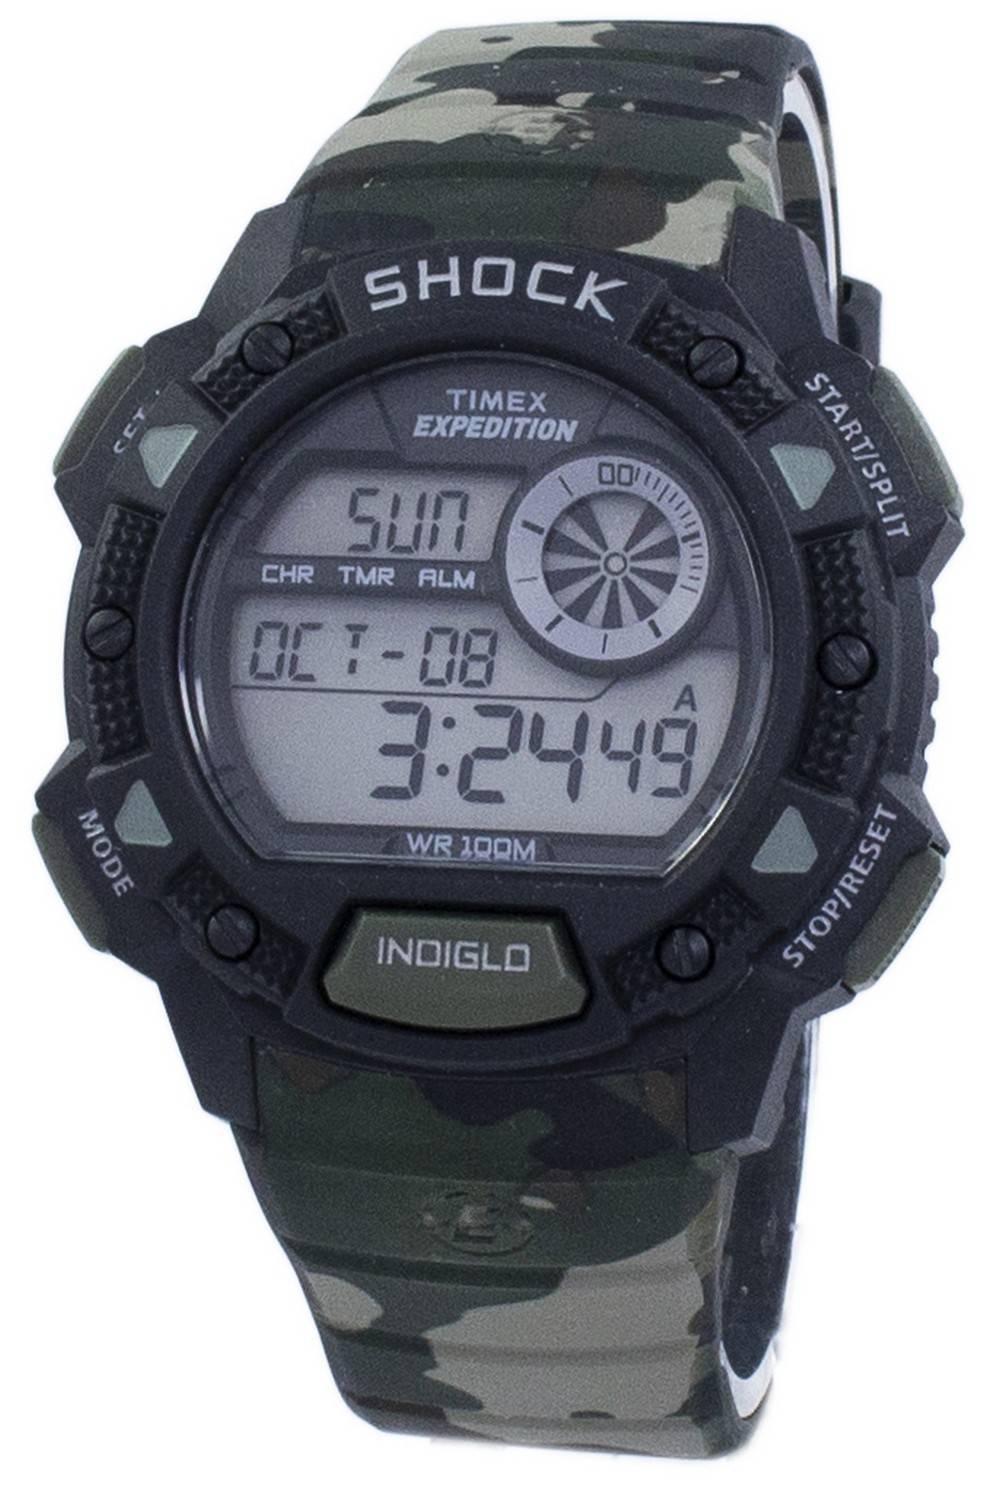 b53a9fba8f19 Reloj Timex Expedition Base choque alarma Indiglo Digital T49976 de los  hombres es